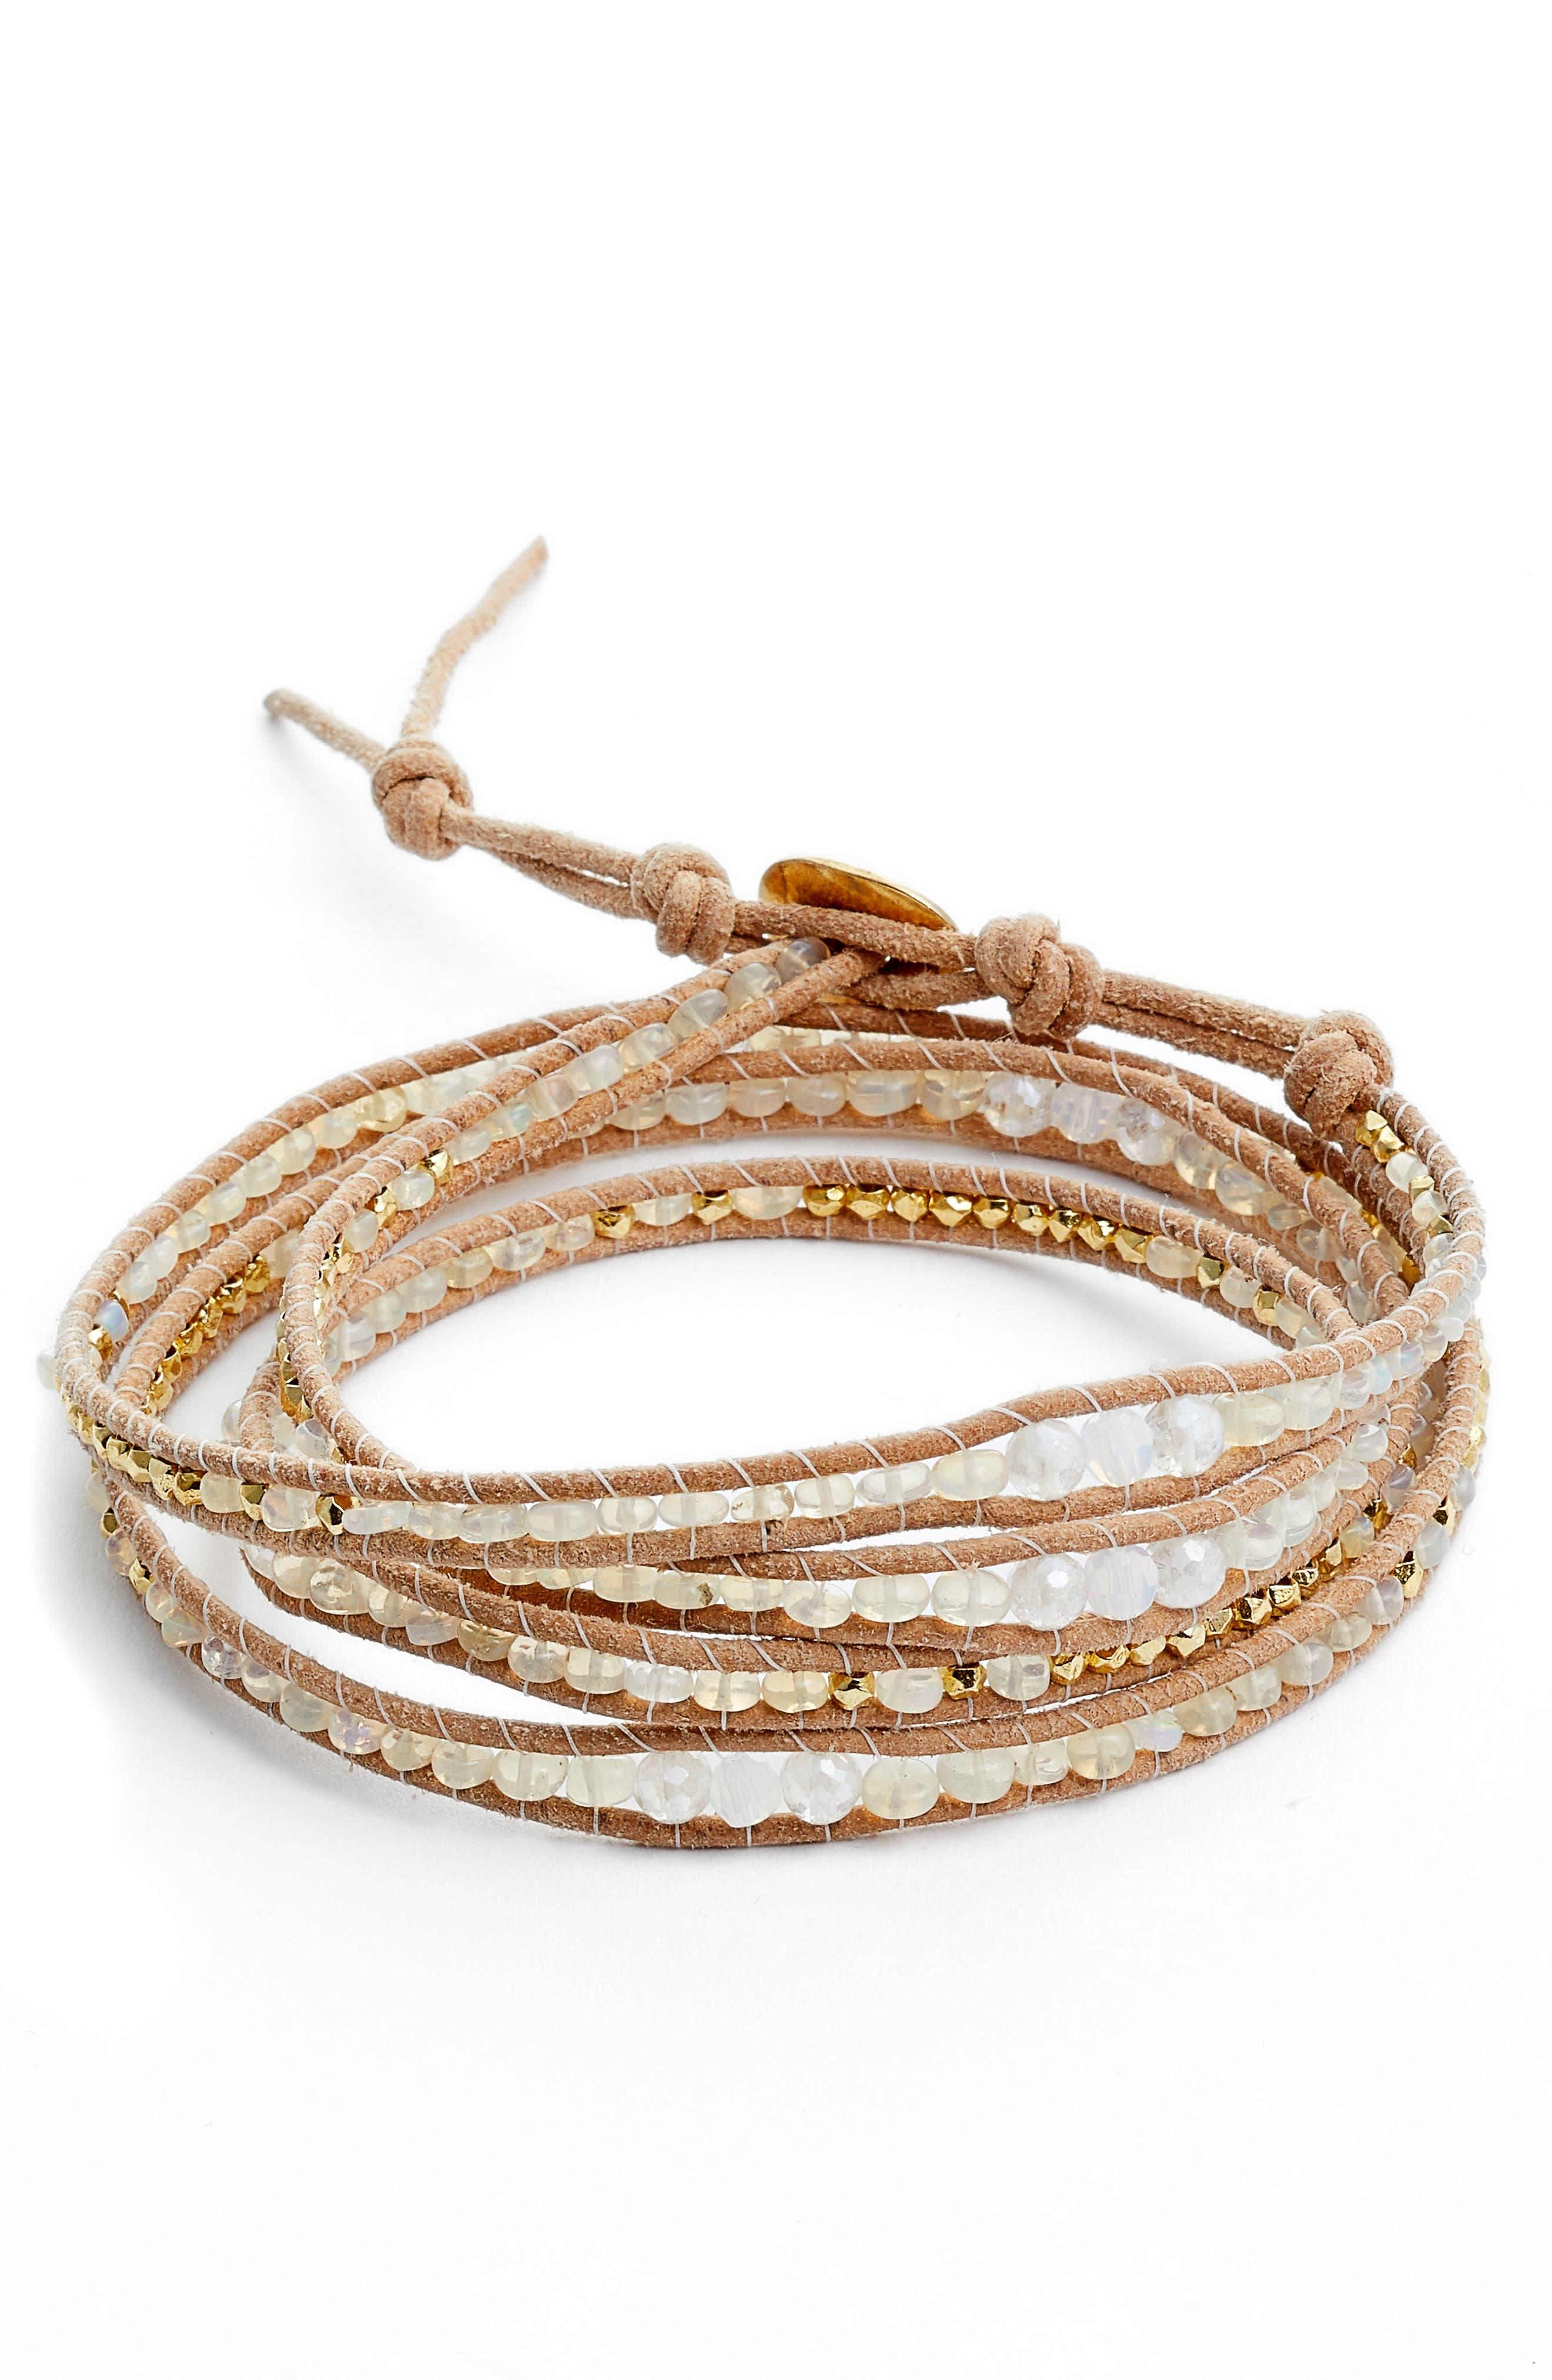 Mystic Clear Quartz Mix Wrap Bracelet,                             Main thumbnail 1, color,                             020